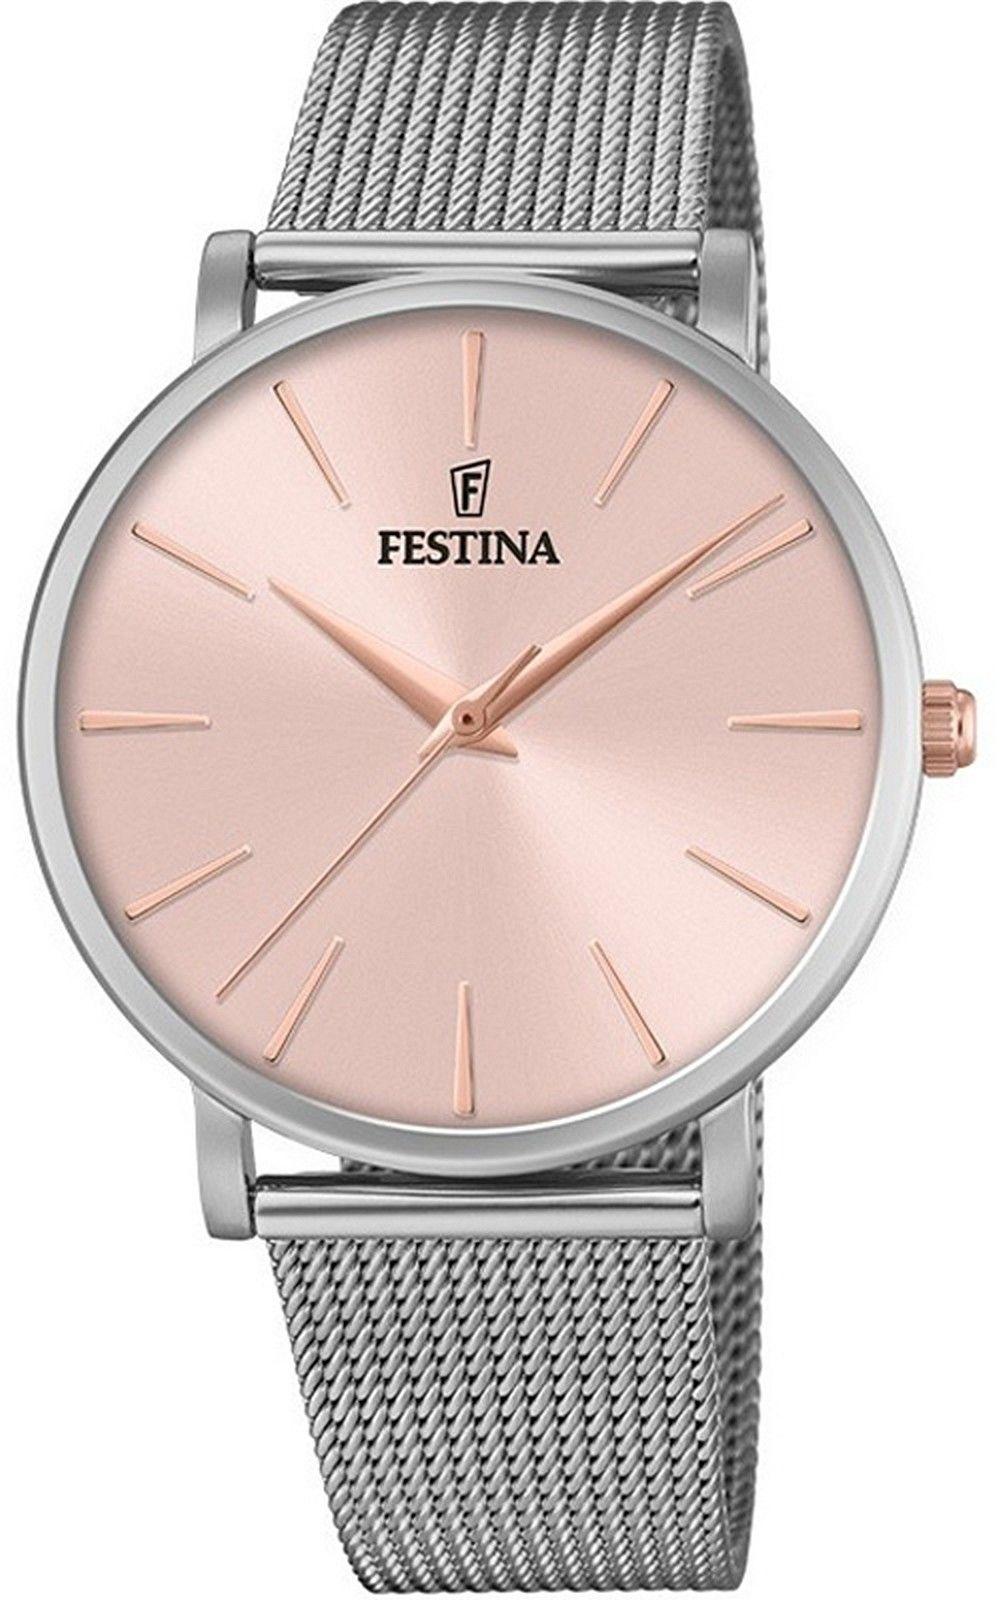 Zegarek Festina F20475-2 Boyfriend - CENA DO NEGOCJACJI - DOSTAWA DHL GRATIS, KUPUJ BEZ RYZYKA - 100 dni na zwrot, możliwość wygrawerowania dowolnego tekstu.